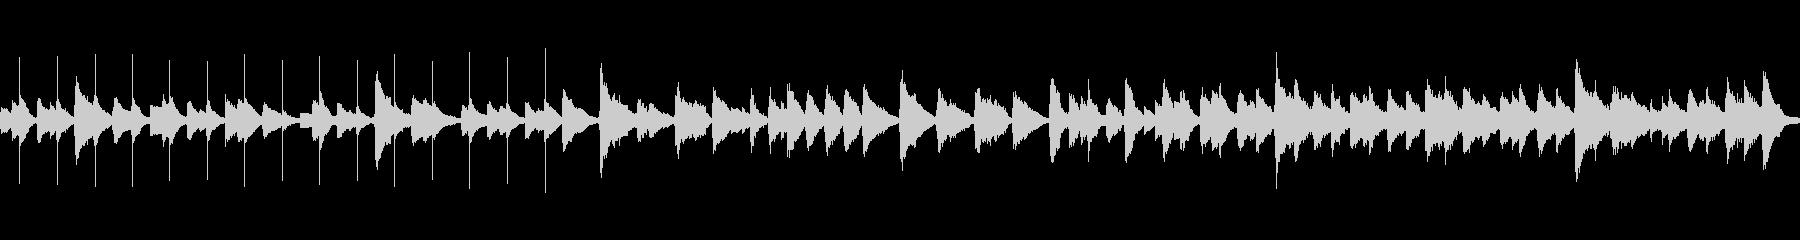 シンコペートピアノ、ブラシ、フィン...の未再生の波形